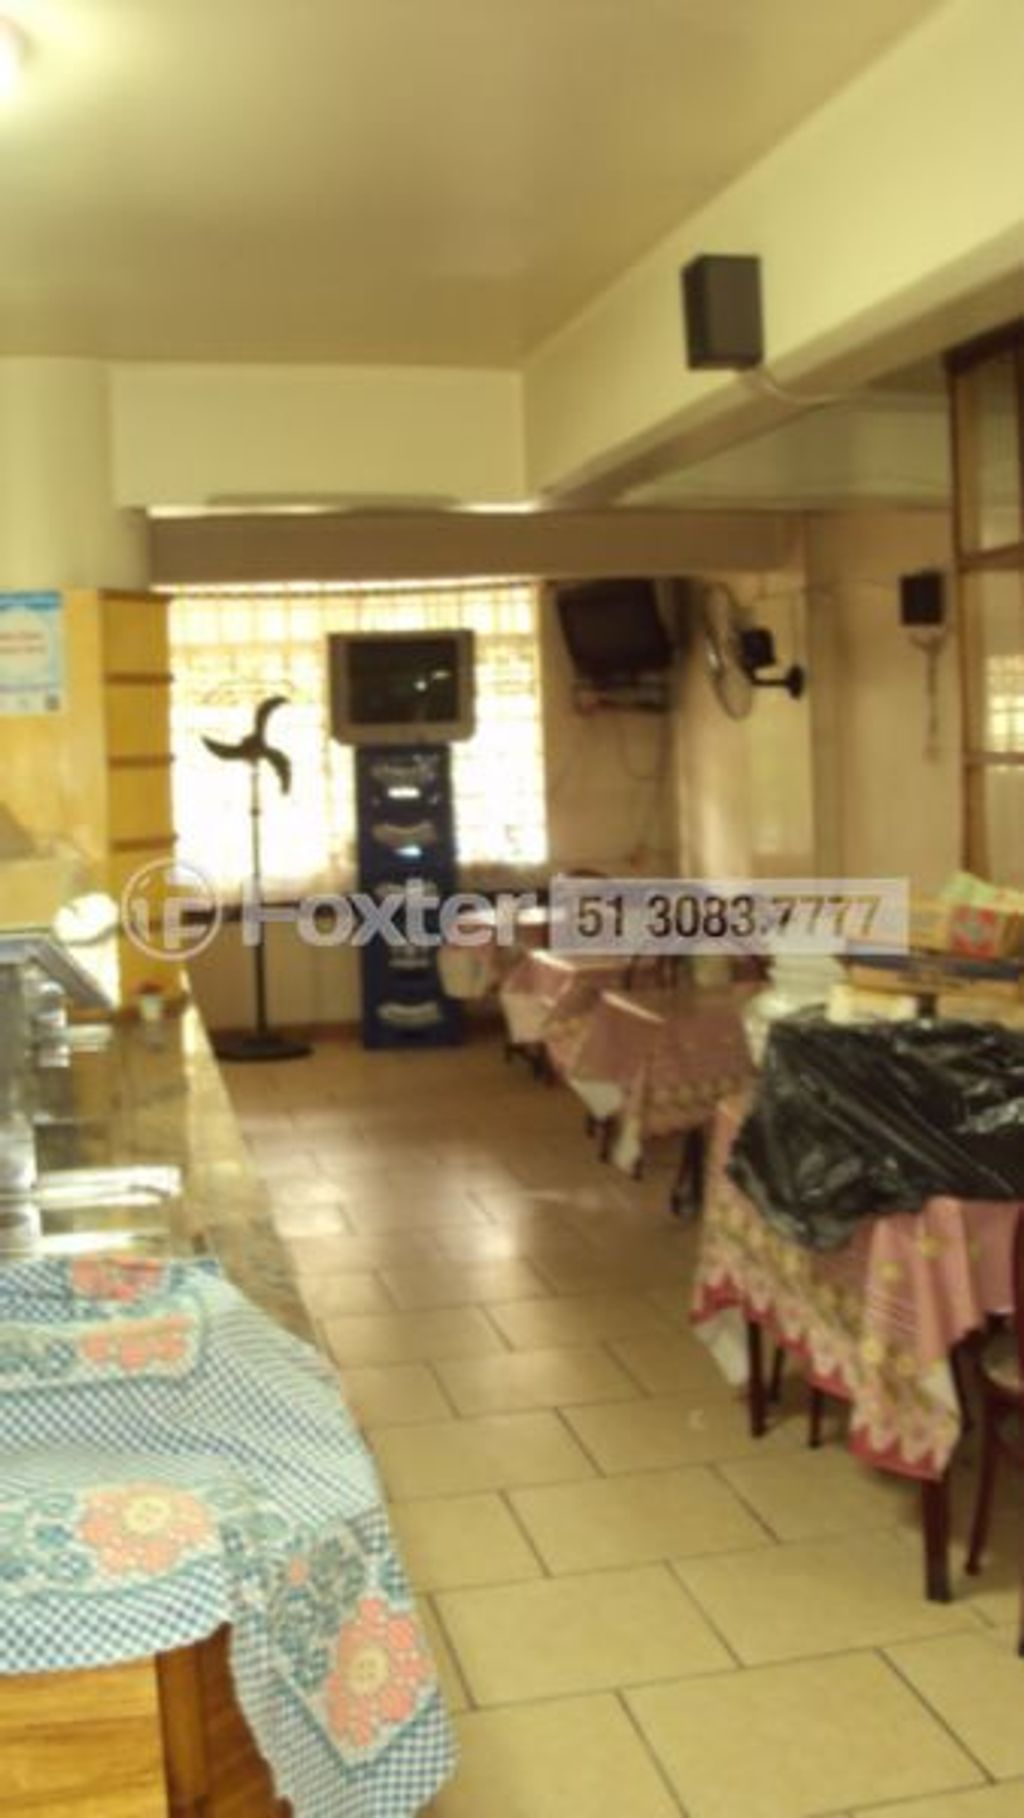 Foxter Imobiliária - Loja, Bom Fim, Porto Alegre - Foto 3